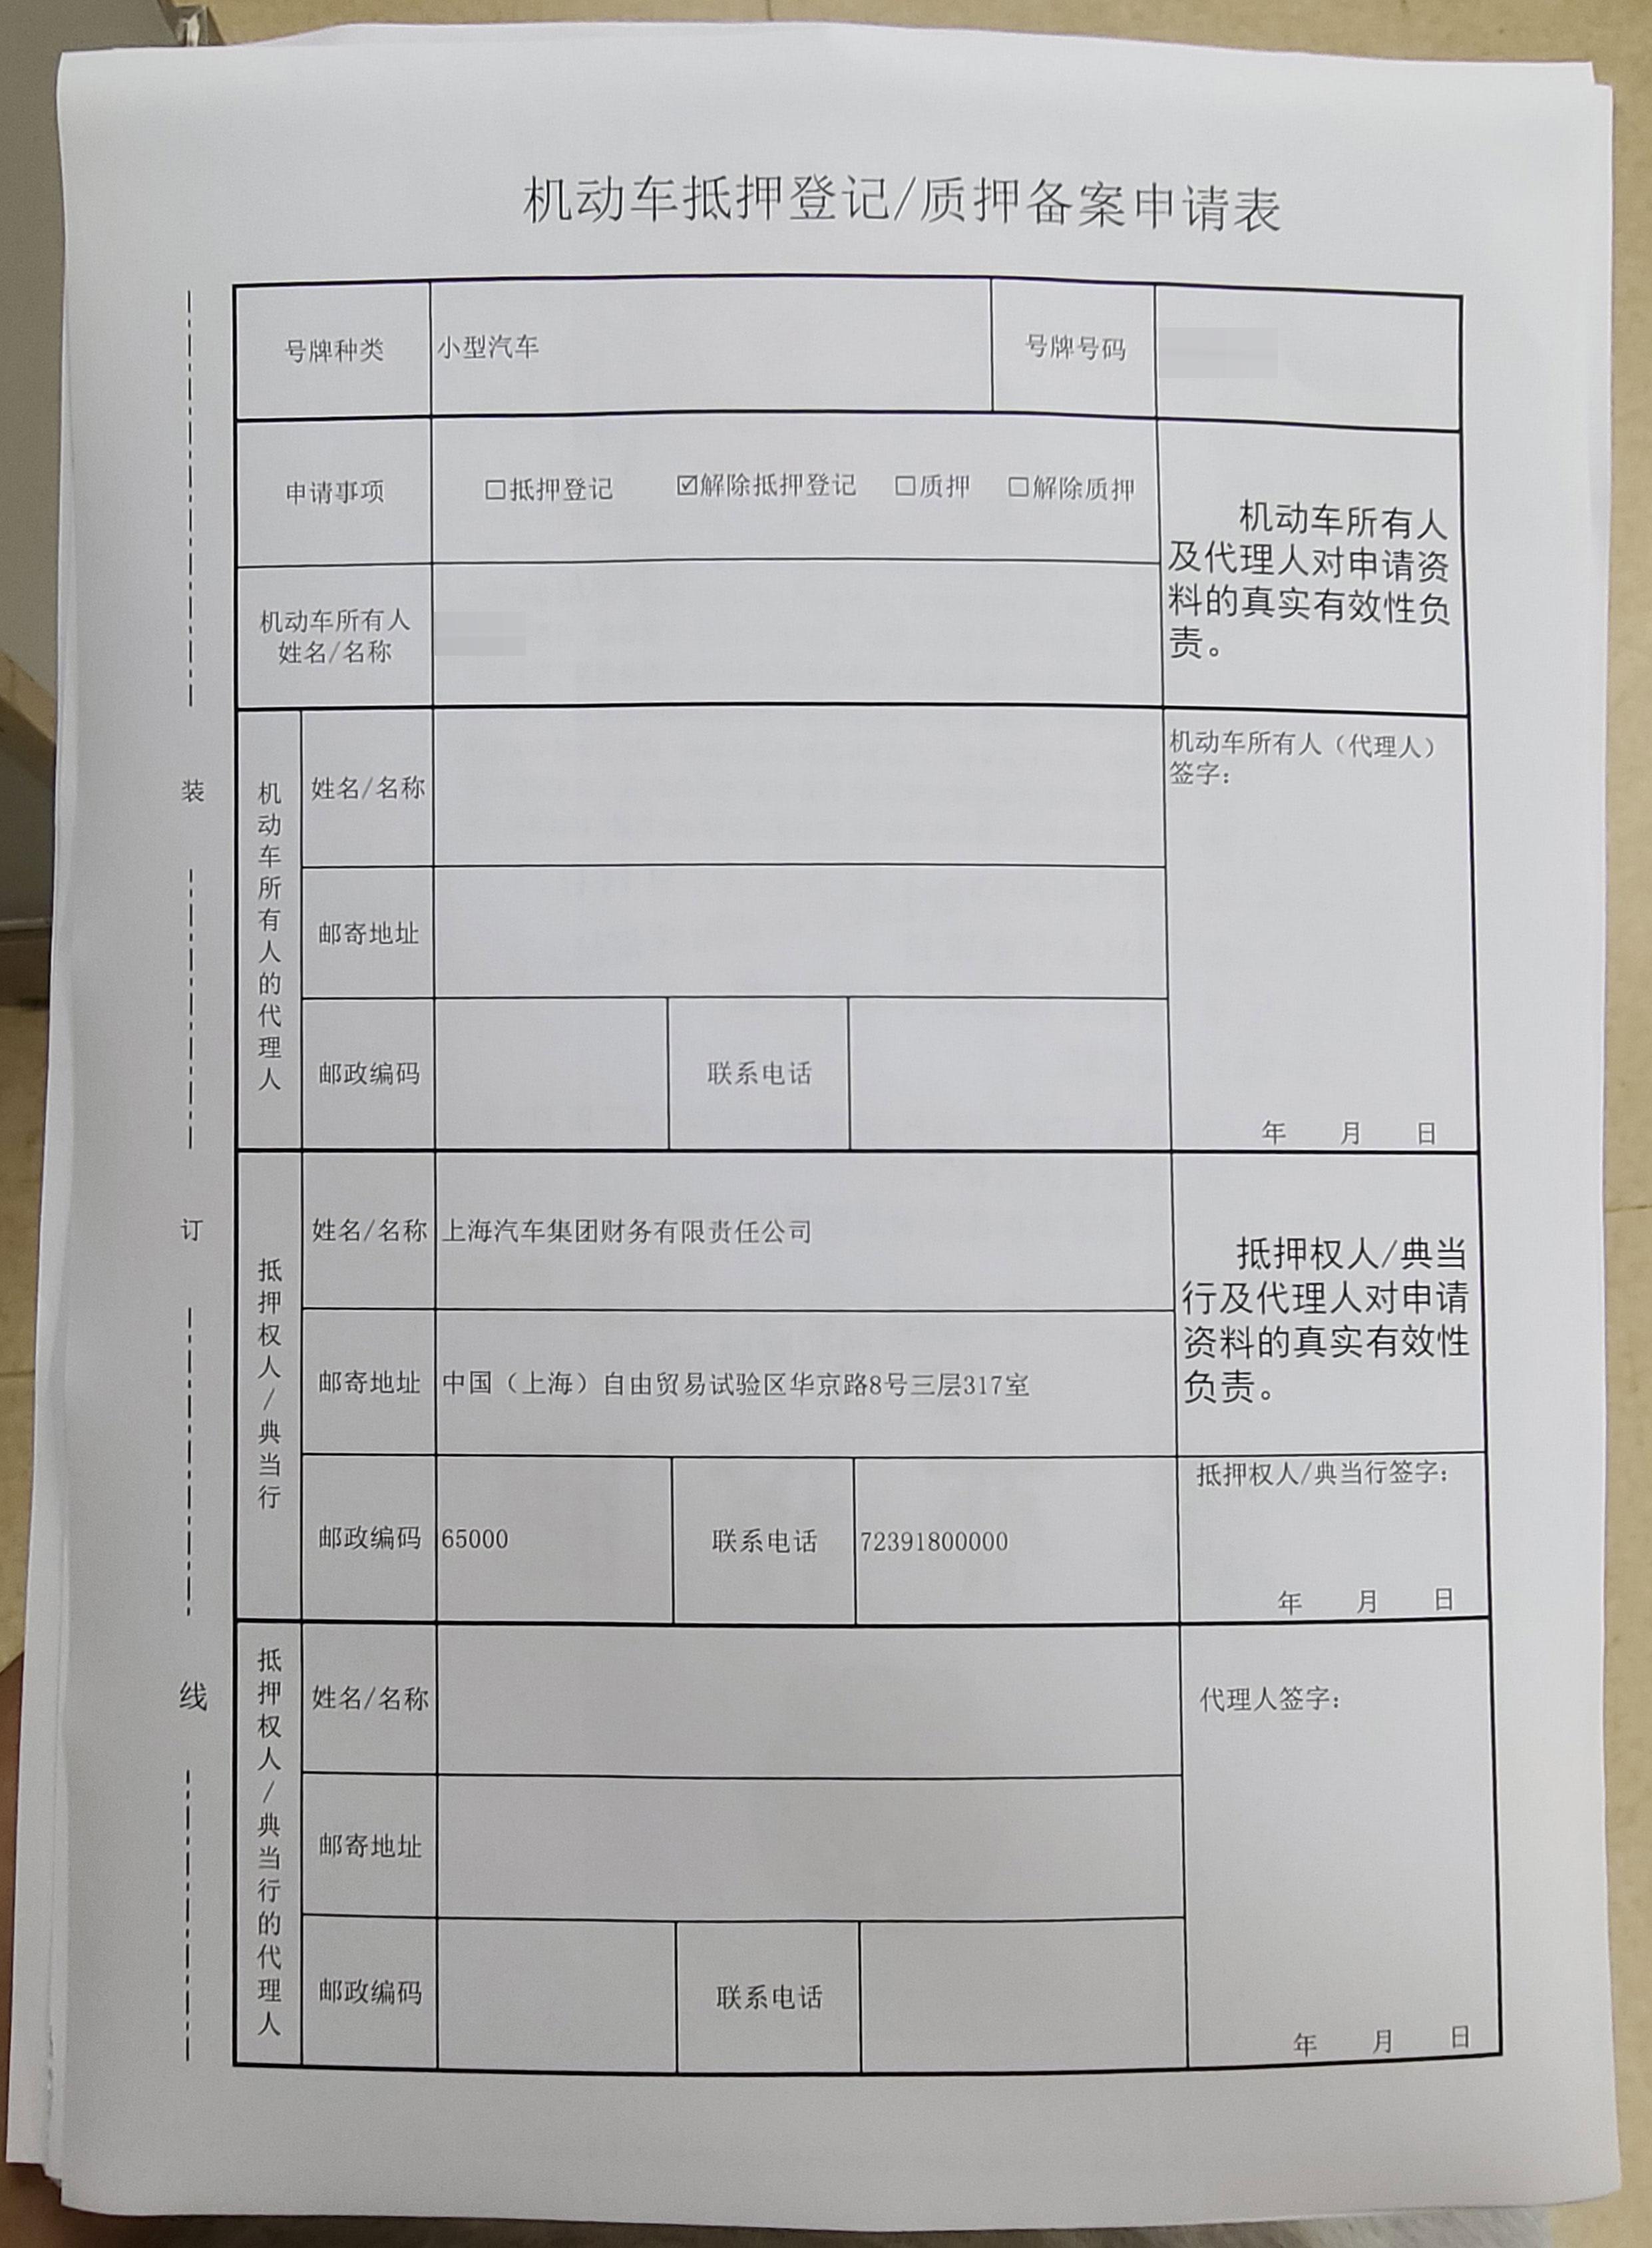 机动车抵押登记、质押备案申请表